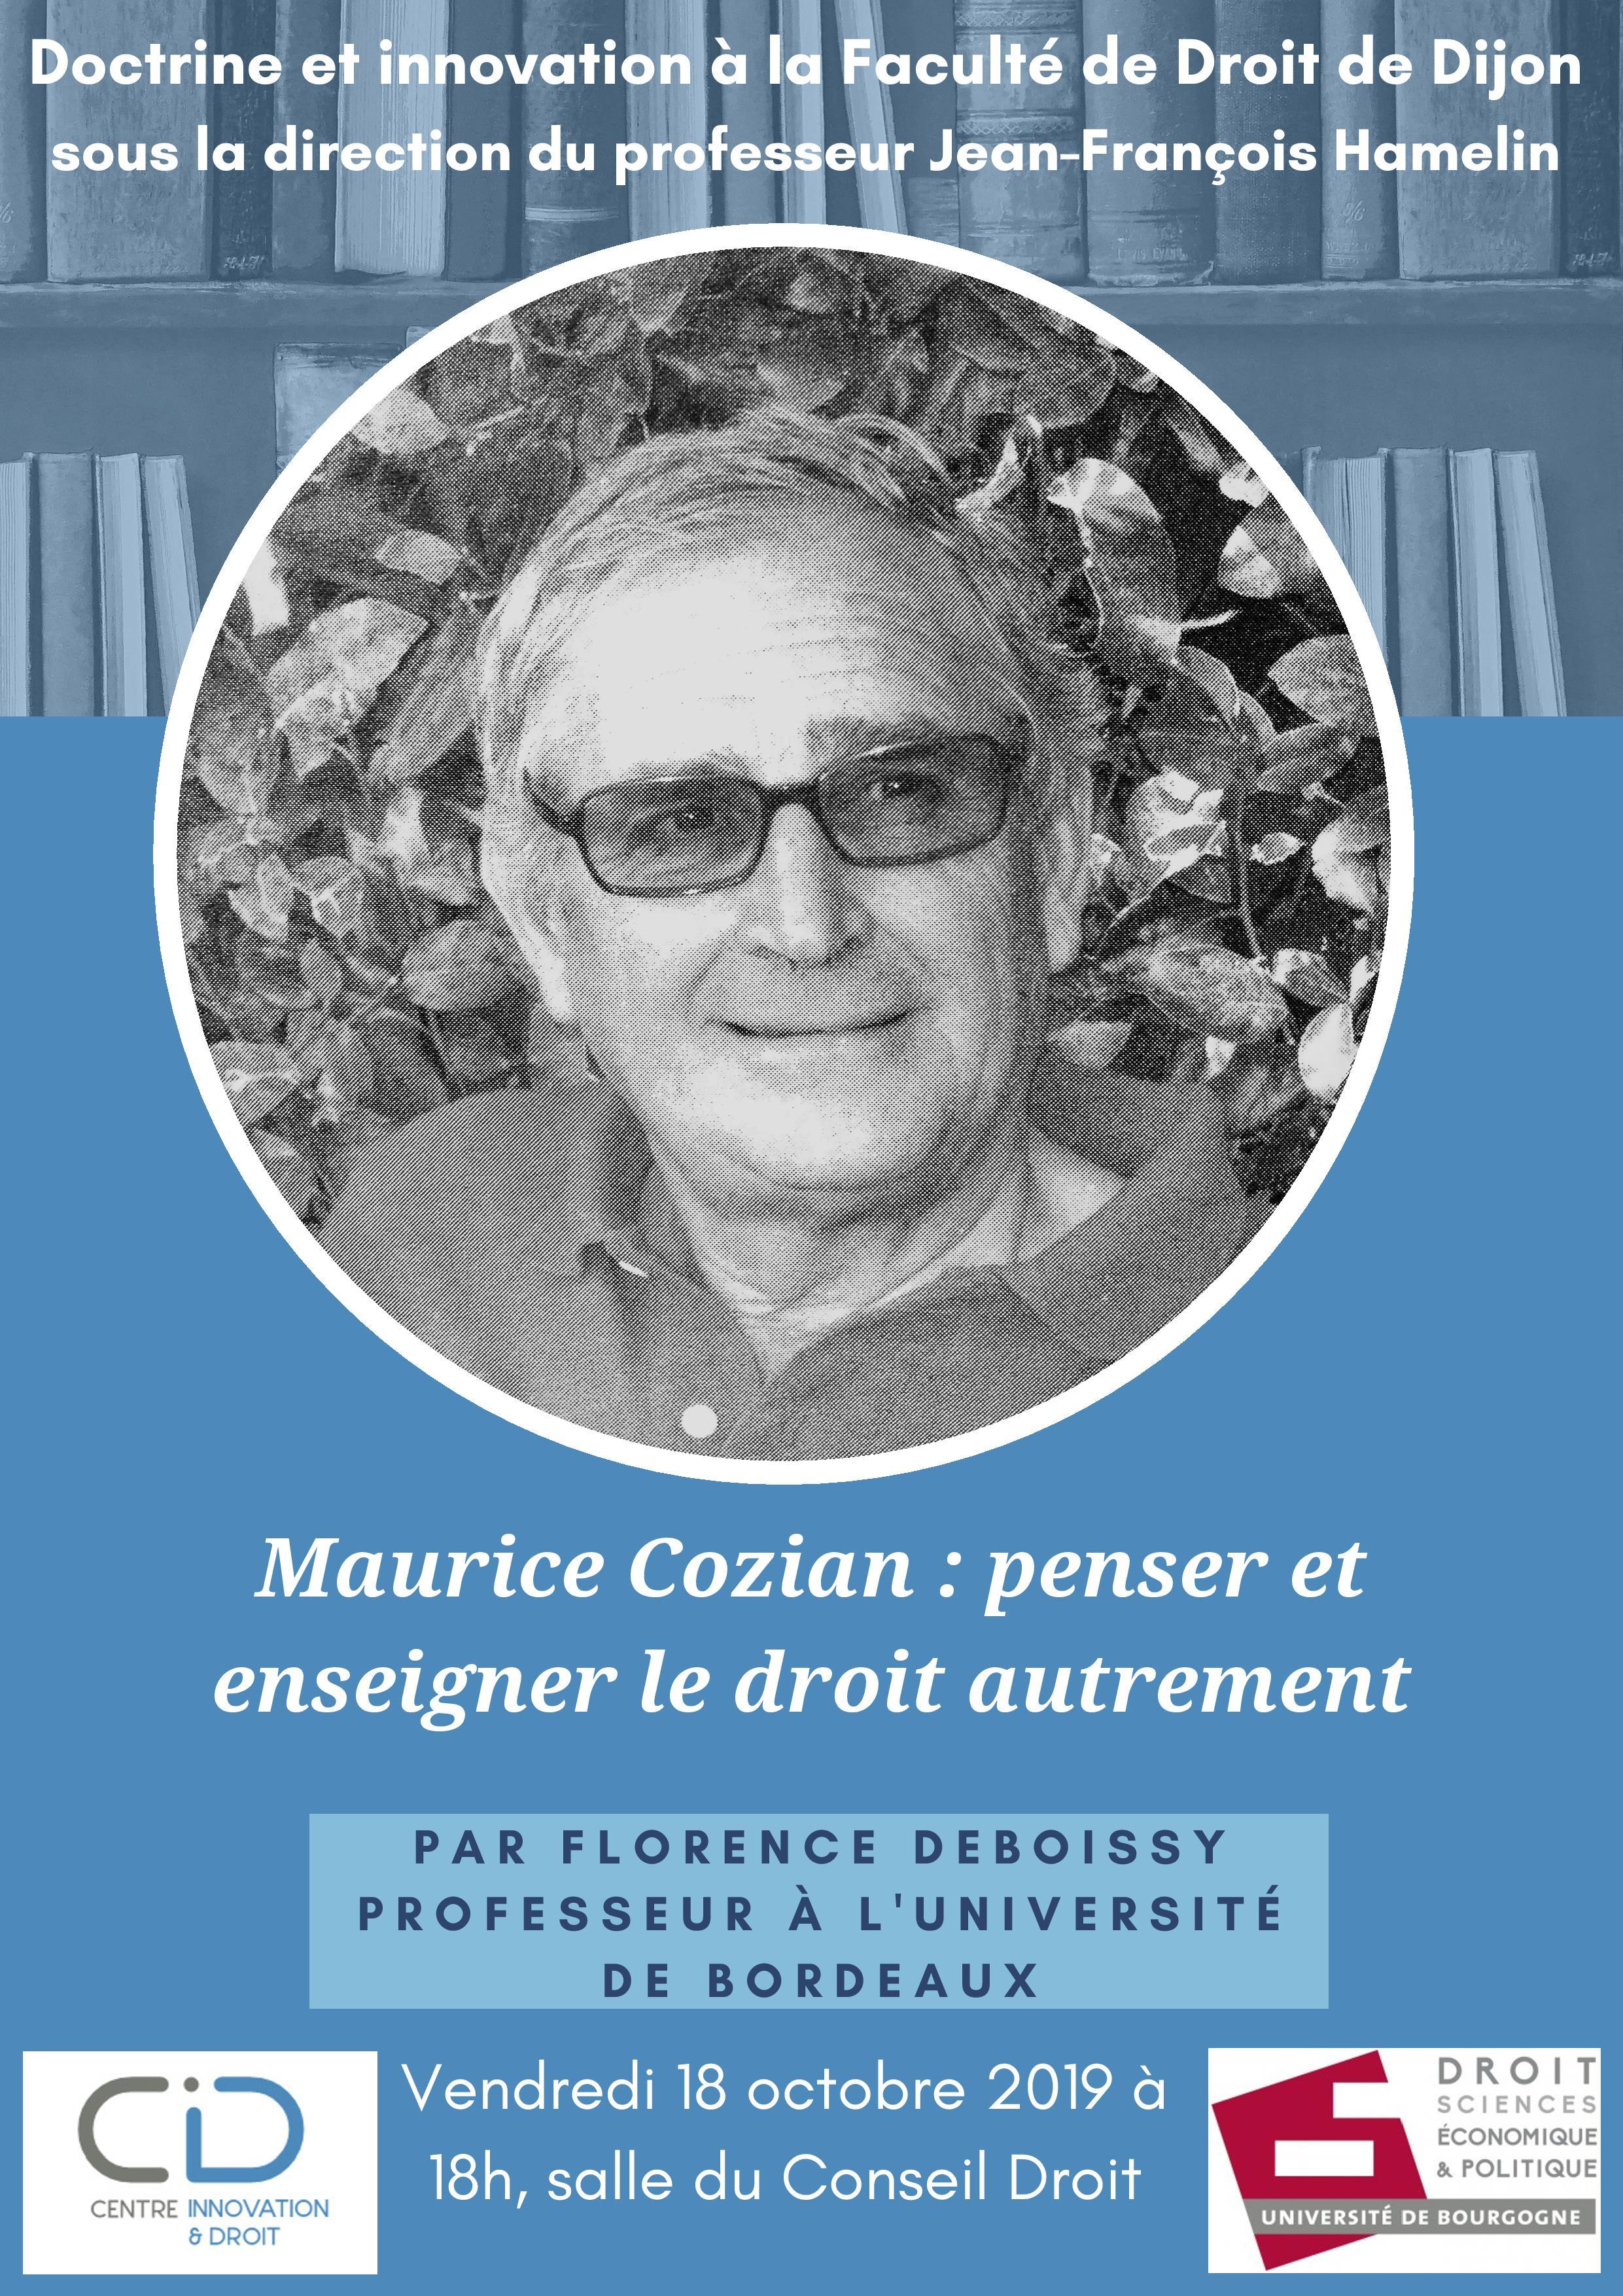 Conférence Cozian